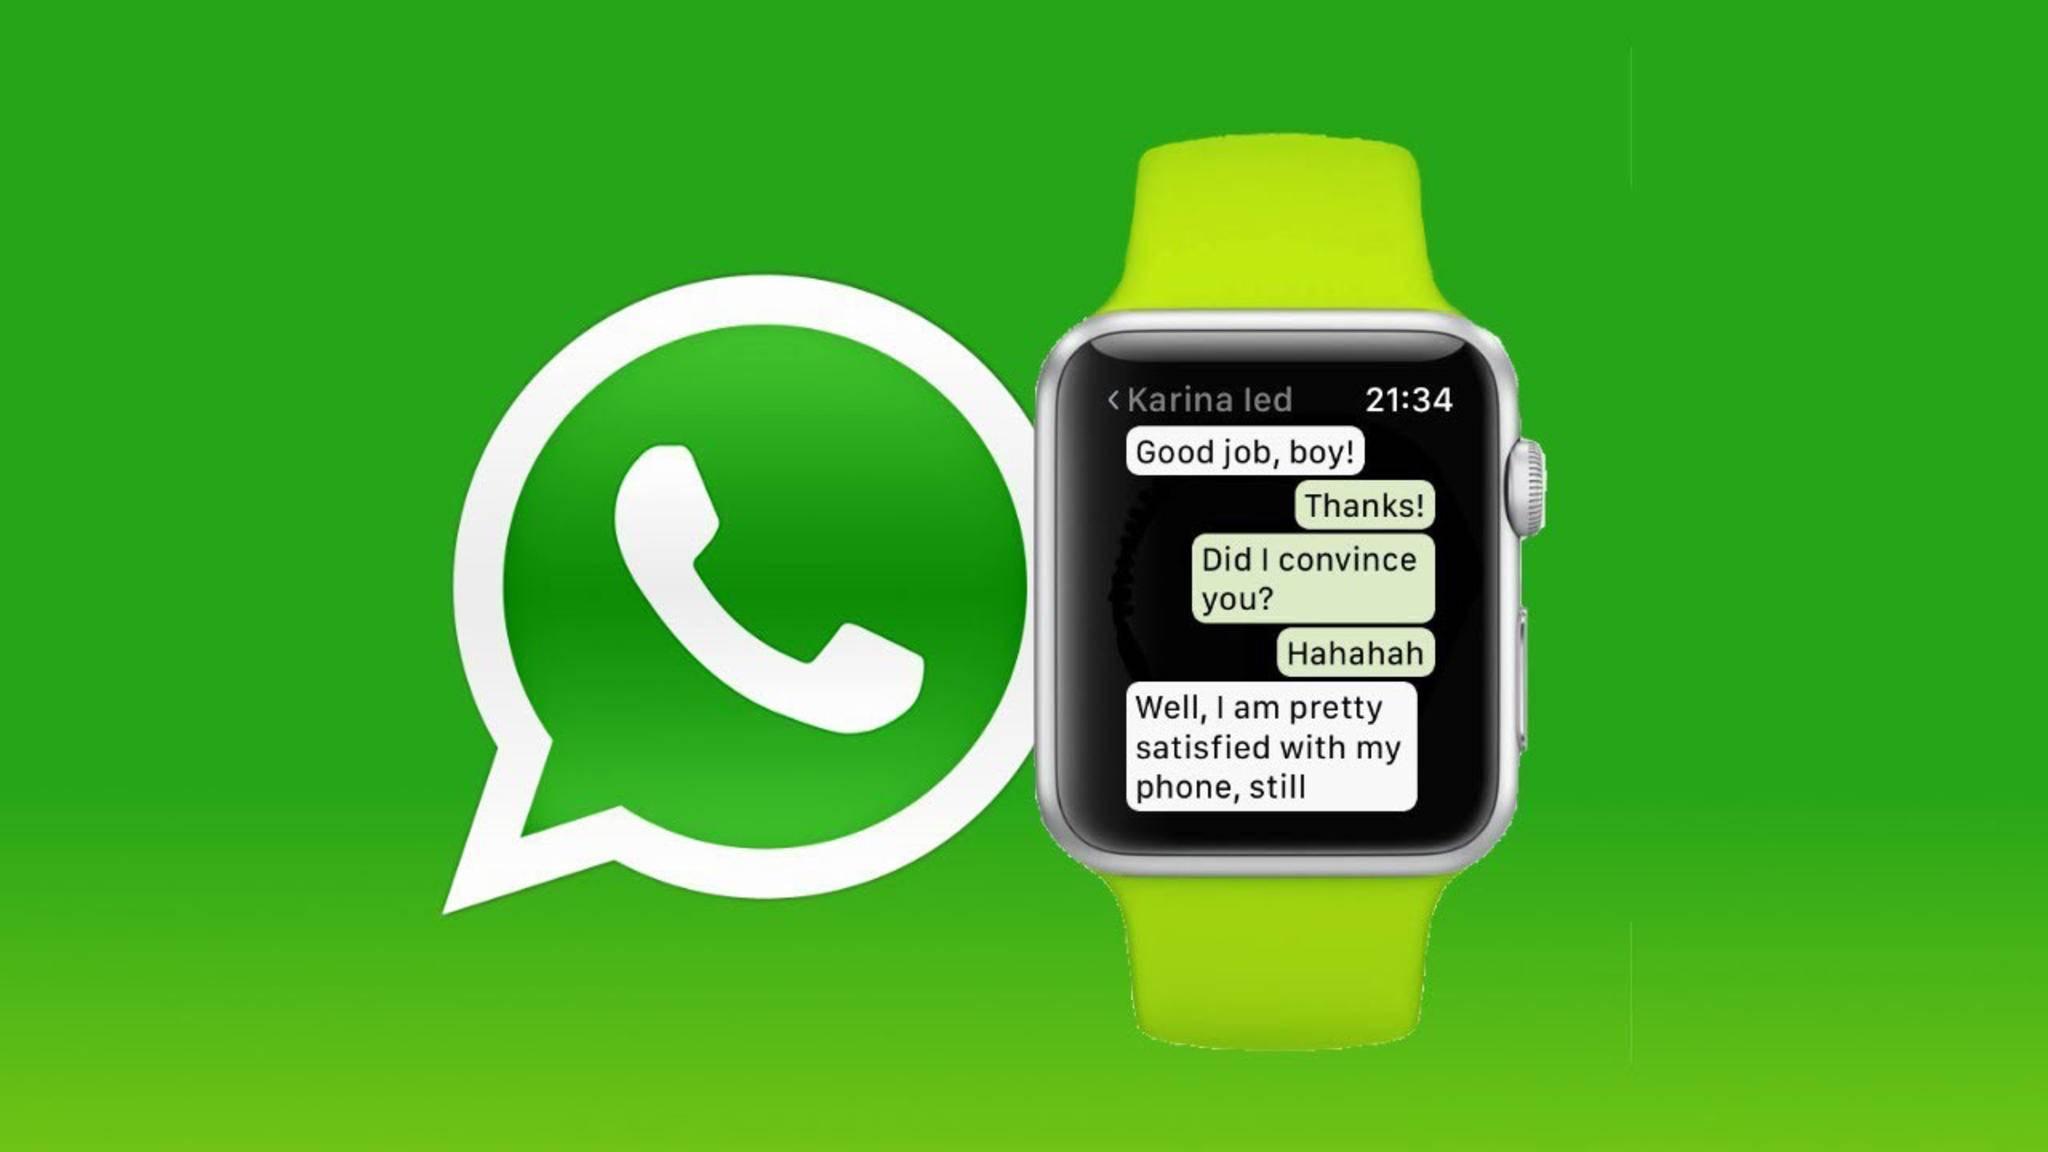 Wir zeigen Dir, wie Du WhatsApp auch auf Deiner Apple Watch nutzen kannst.